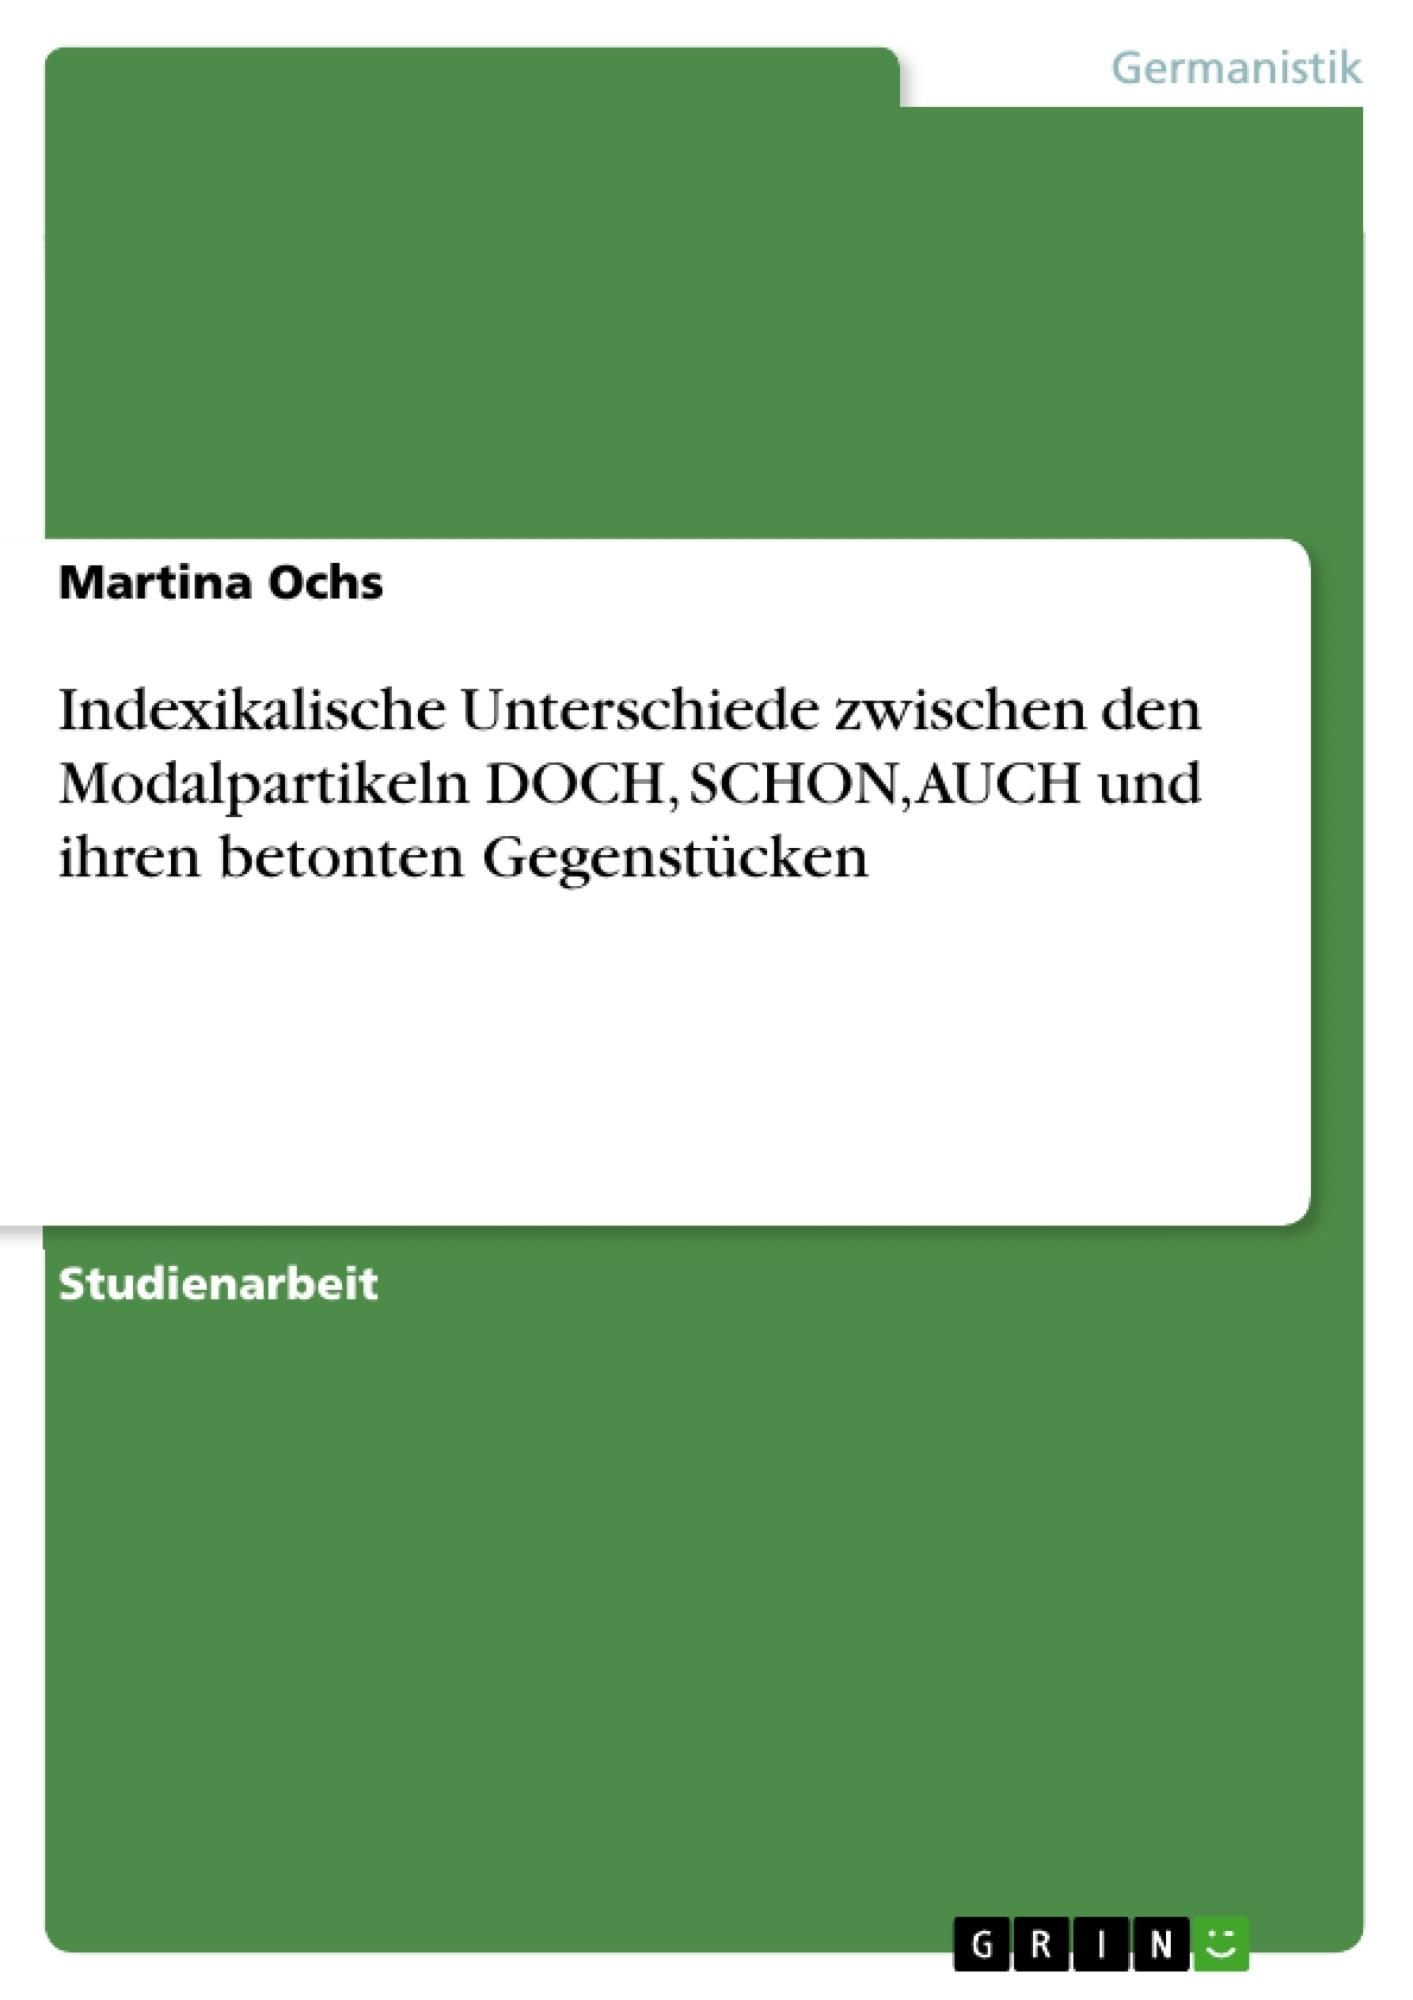 Titel: Indexikalische Unterschiede zwischen den Modalpartikeln DOCH, SCHON, AUCH und ihren betonten Gegenstücken